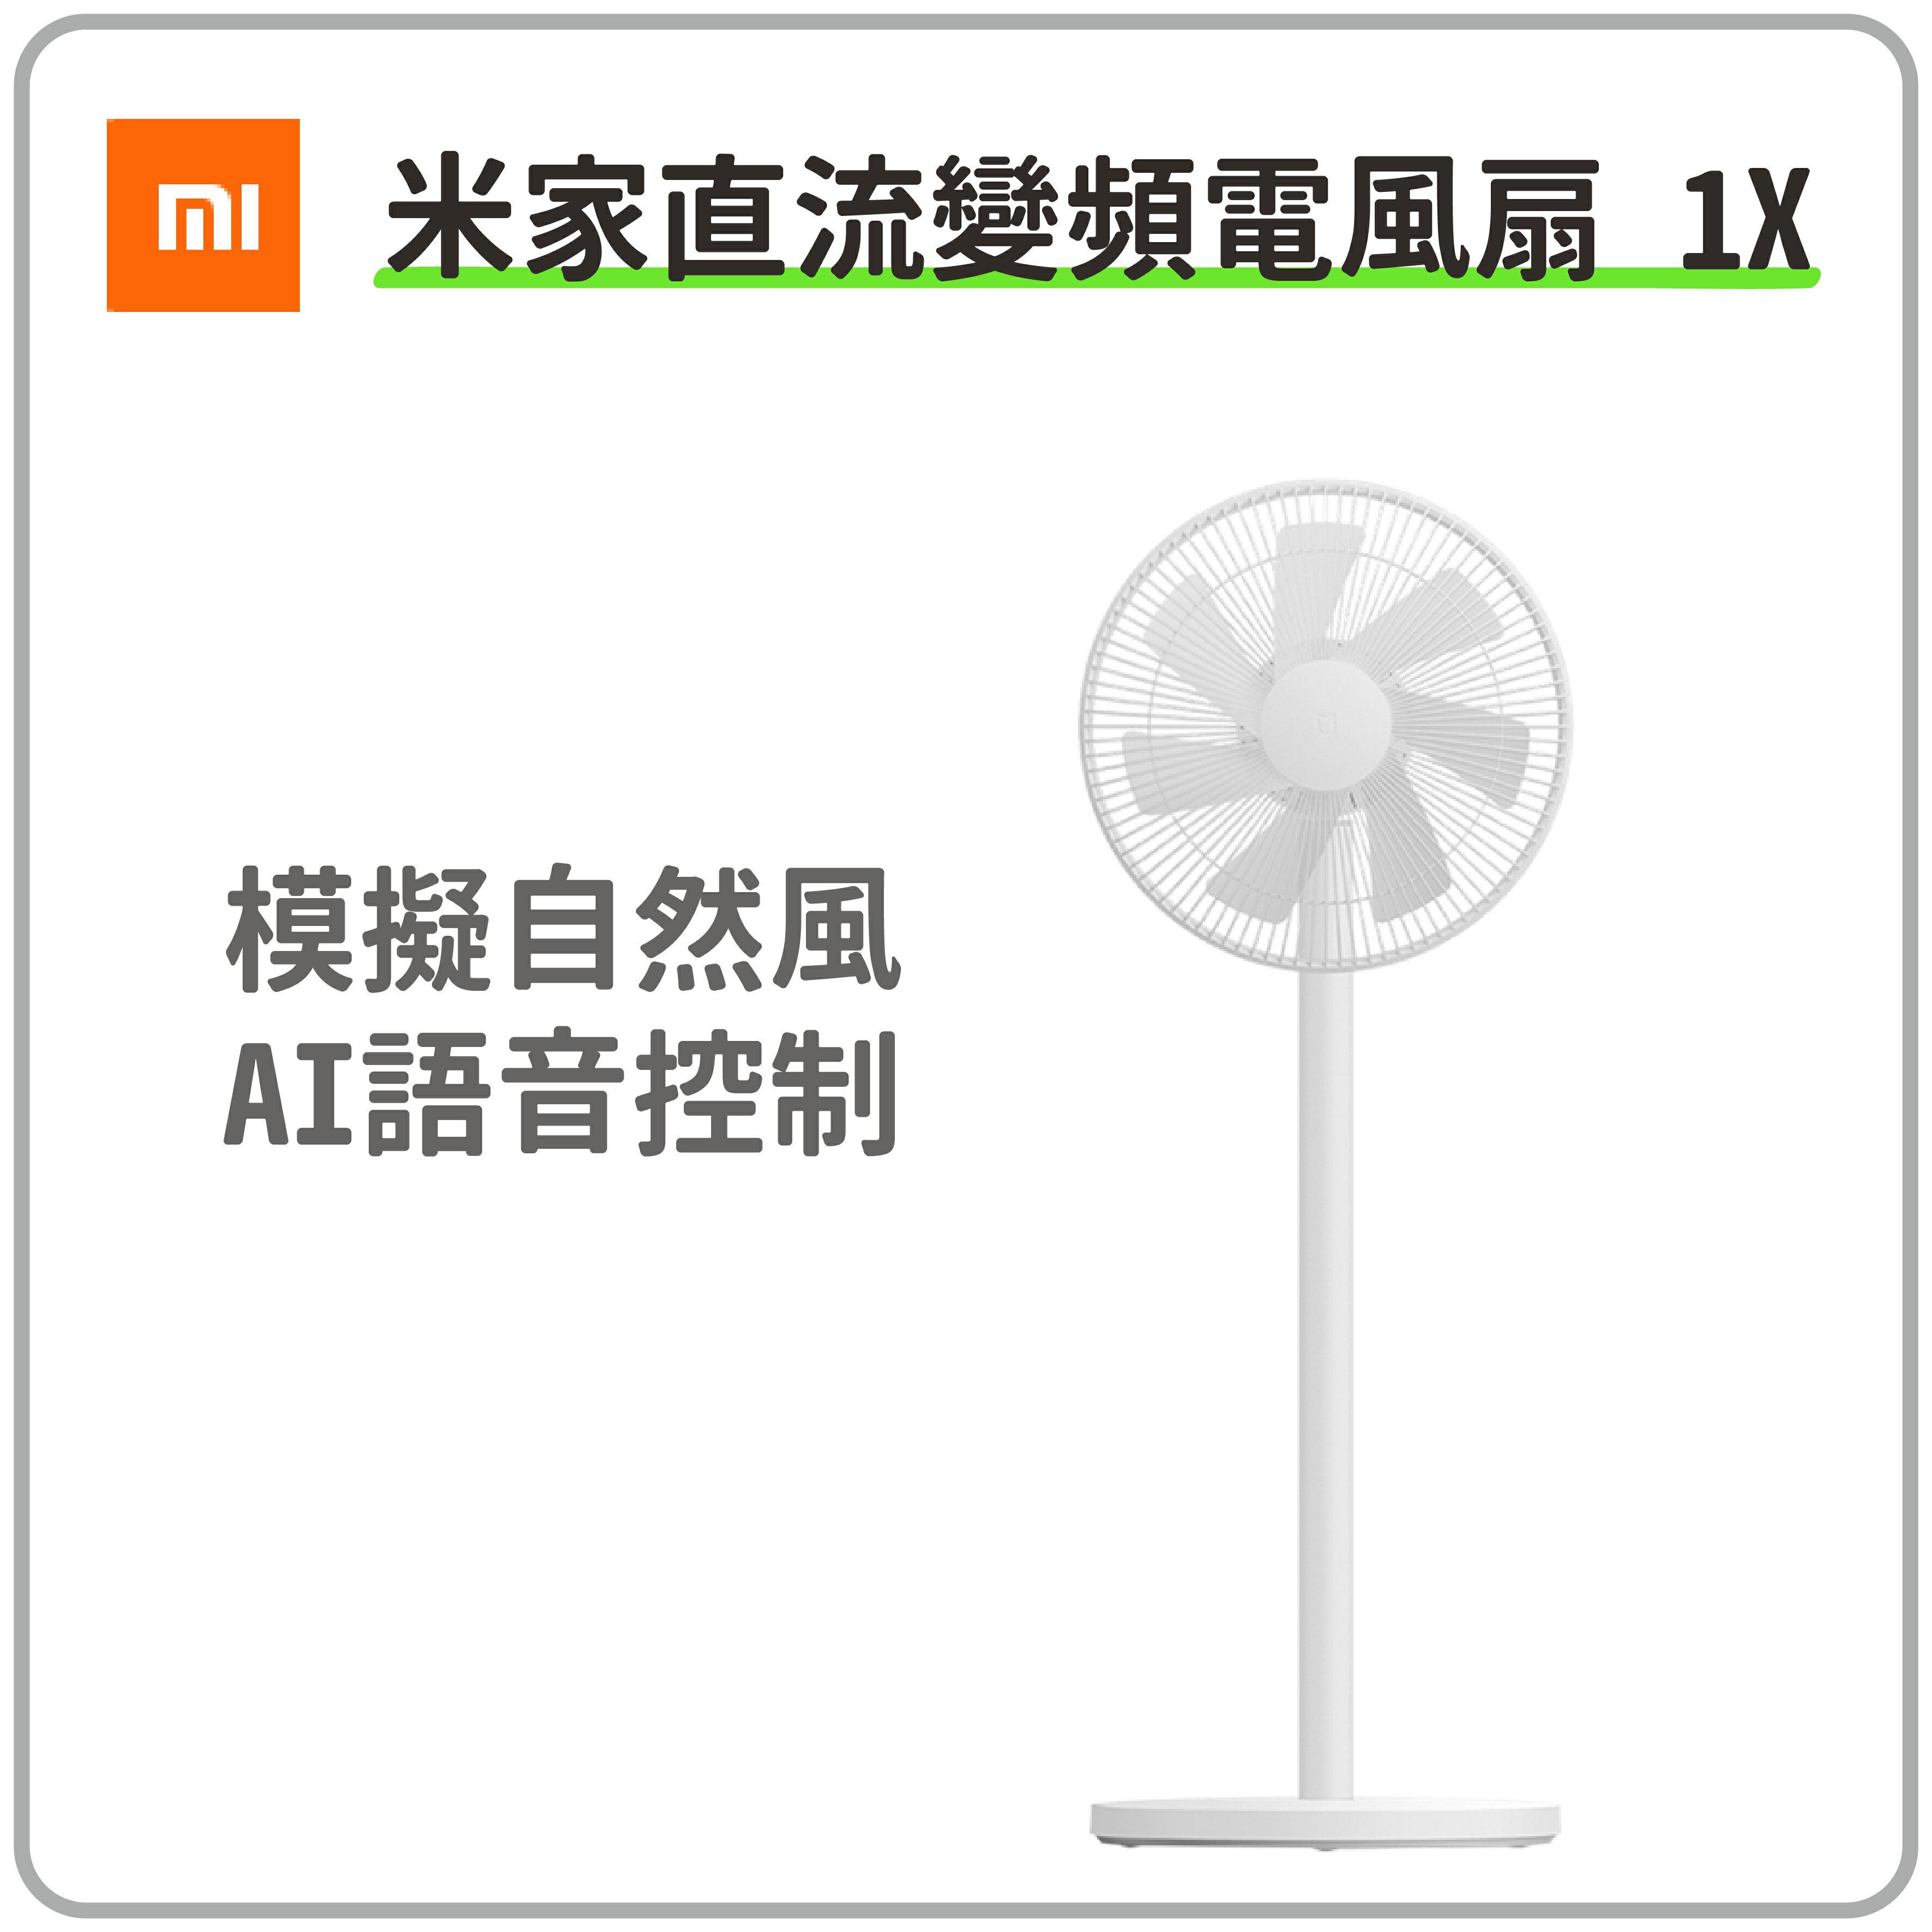 【公司貨附發票】米家直流變頻電風扇 1X 【現貨-快速出貨】